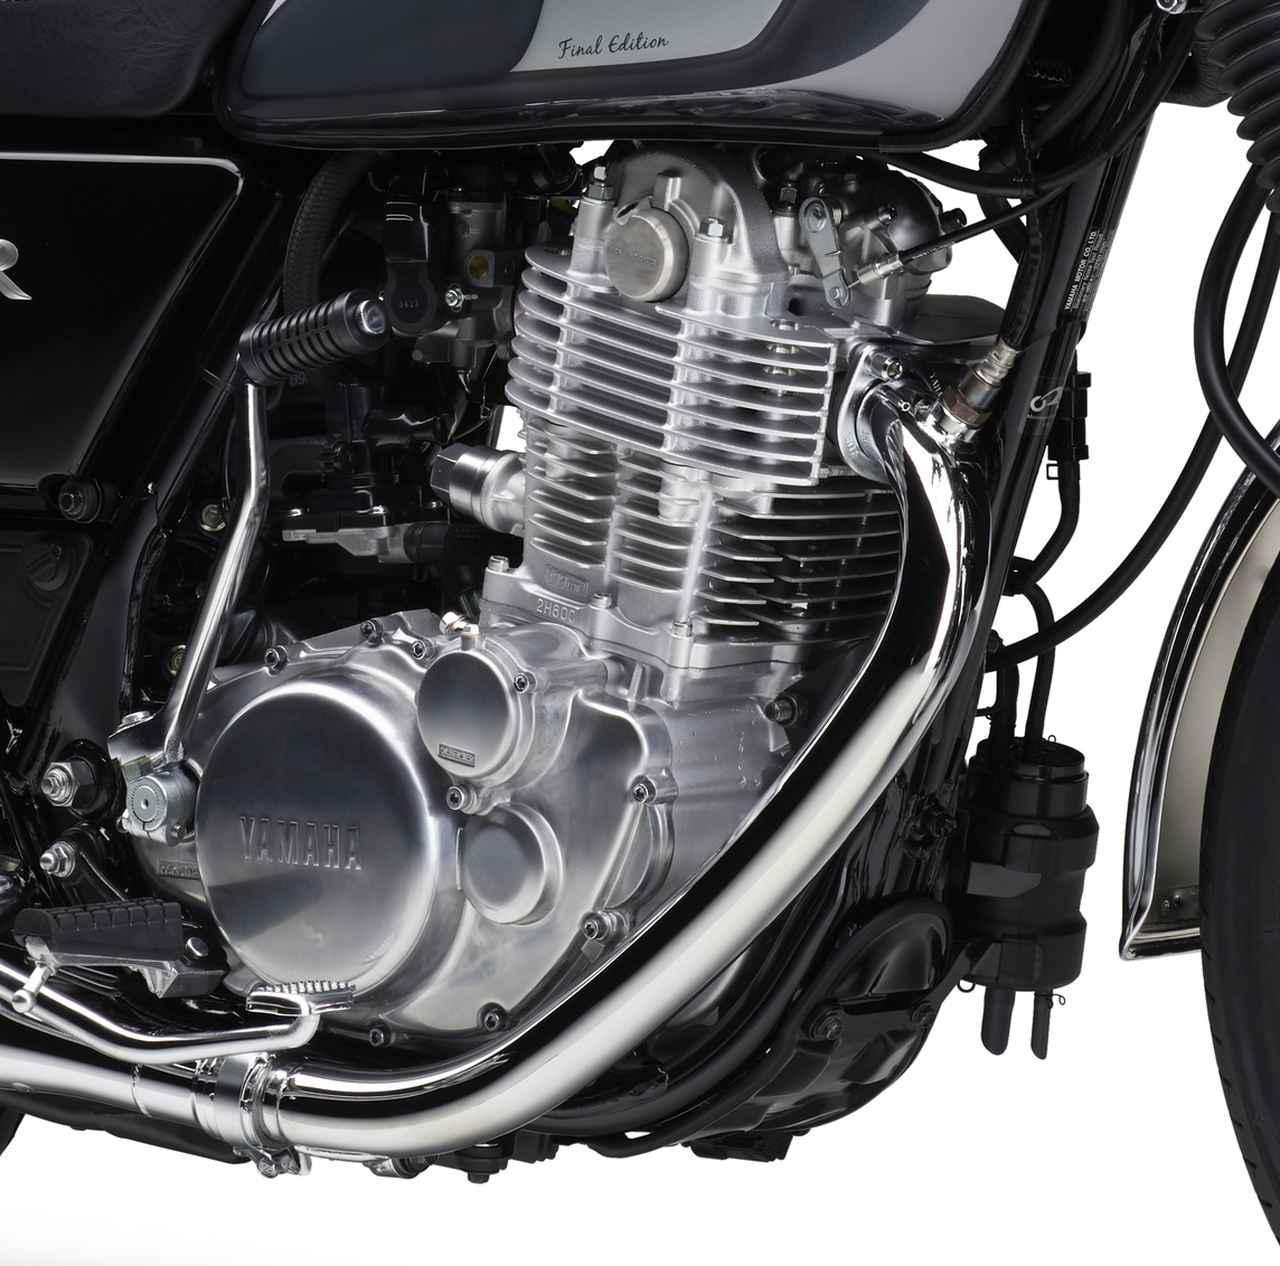 画像: SR400ファイナルエディションのエンジン。写真の右下あたりに備わっているのが排ガス規制に対応するため2018年モデルから装備されたキャニスター。